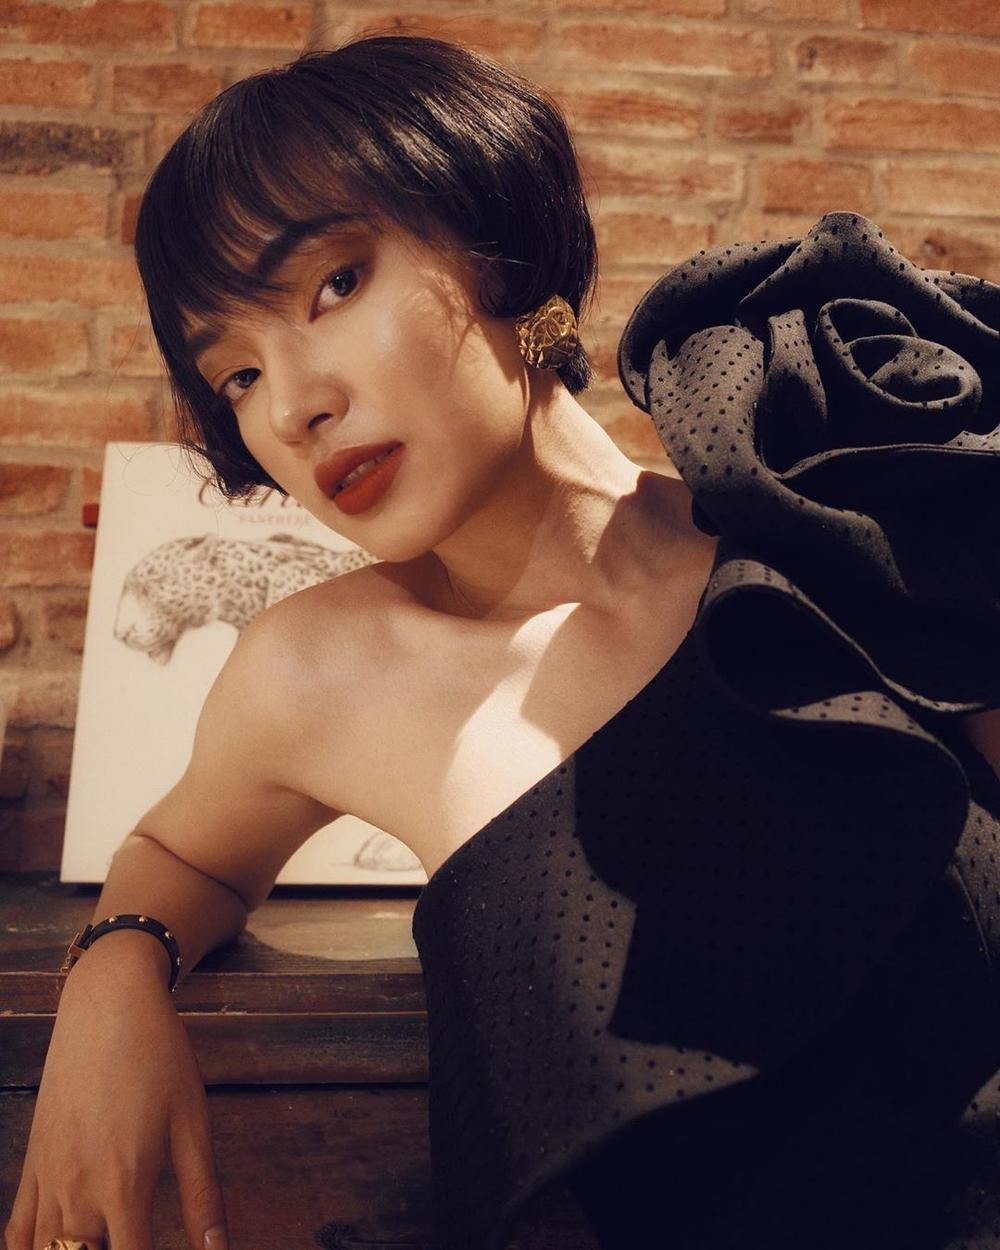 Bức ảnh chưa qua chỉnh sửa hội tụ 6 mỹ nhân Việt: Hari Won trẻ đẹp xuất sắc lấn át đàn em